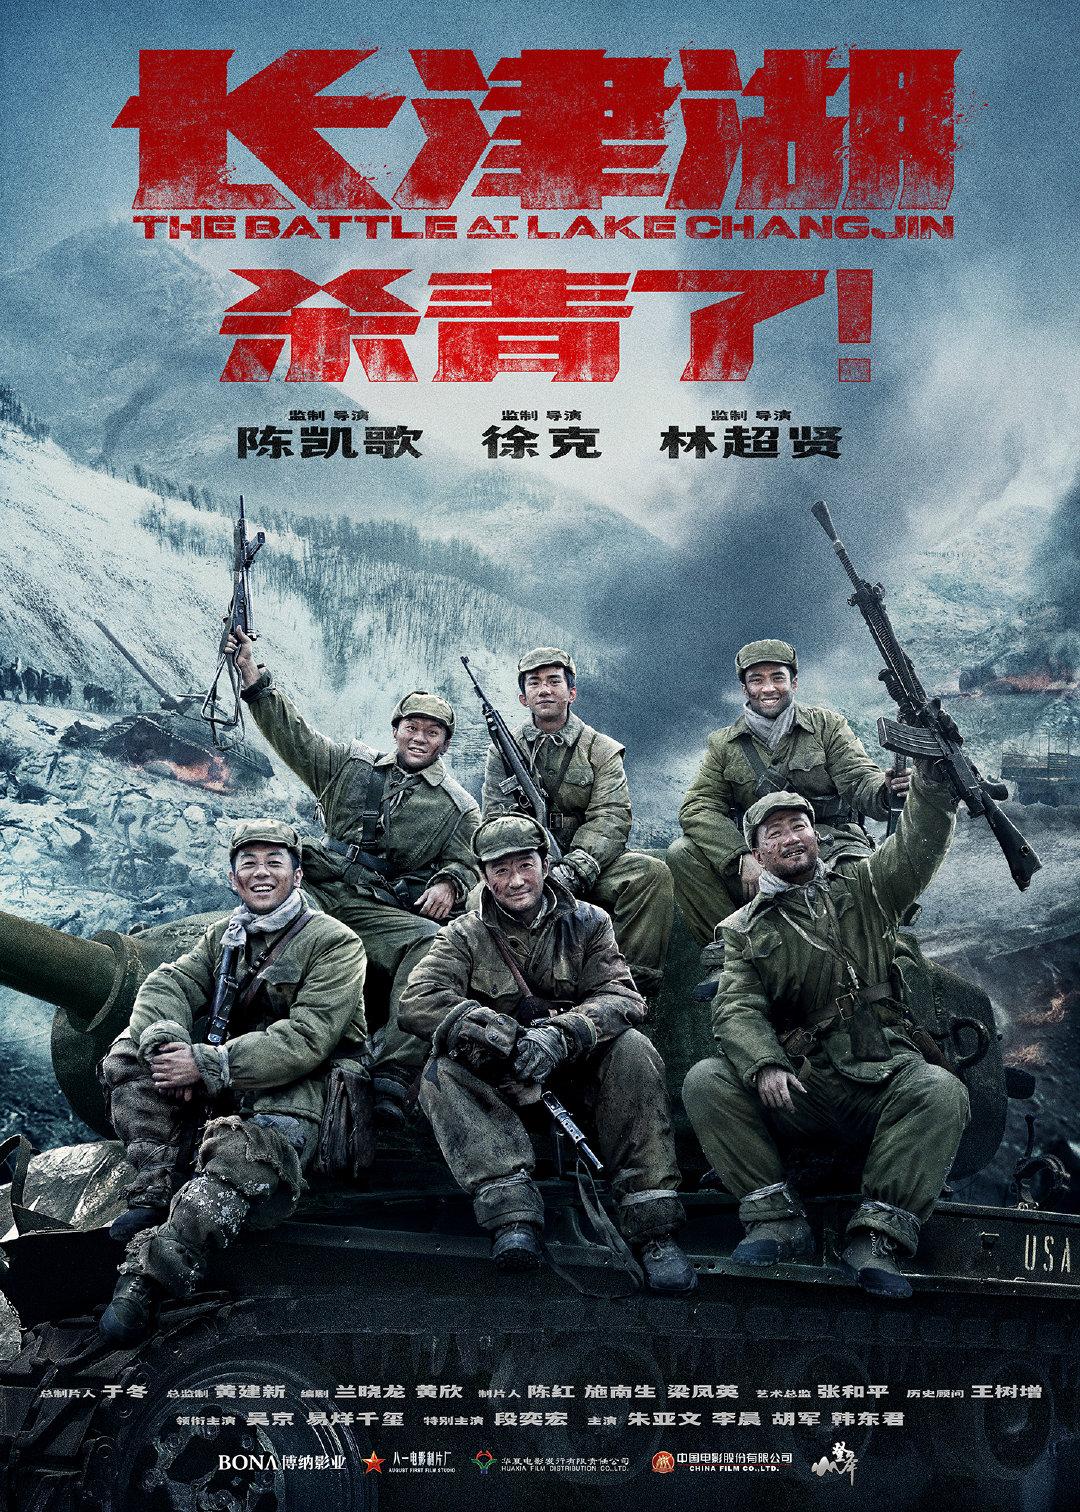 吴京易烊千玺主演的《长津湖》杀青了,这个是抗美援朝题材电影